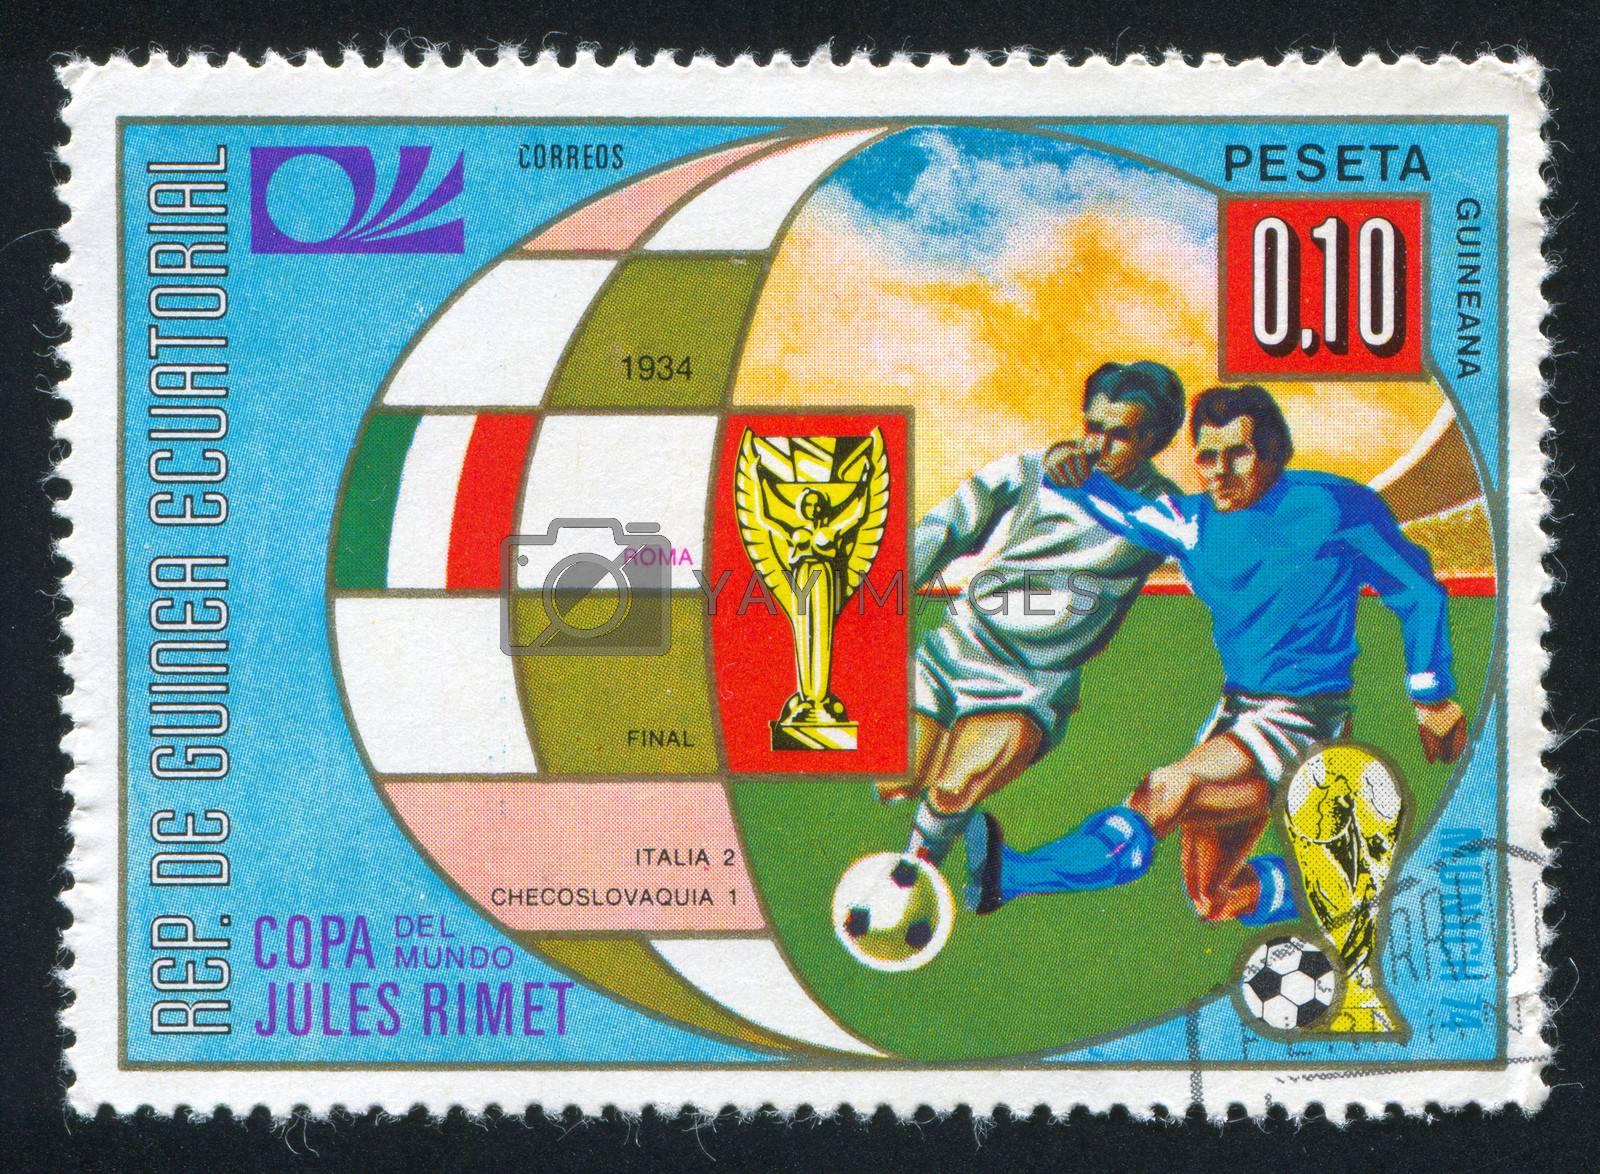 EQUATORIAL GUINEA - CIRCA 1974:  stamp printed by Equatorial Guinea, shows soccer, circa 1974.